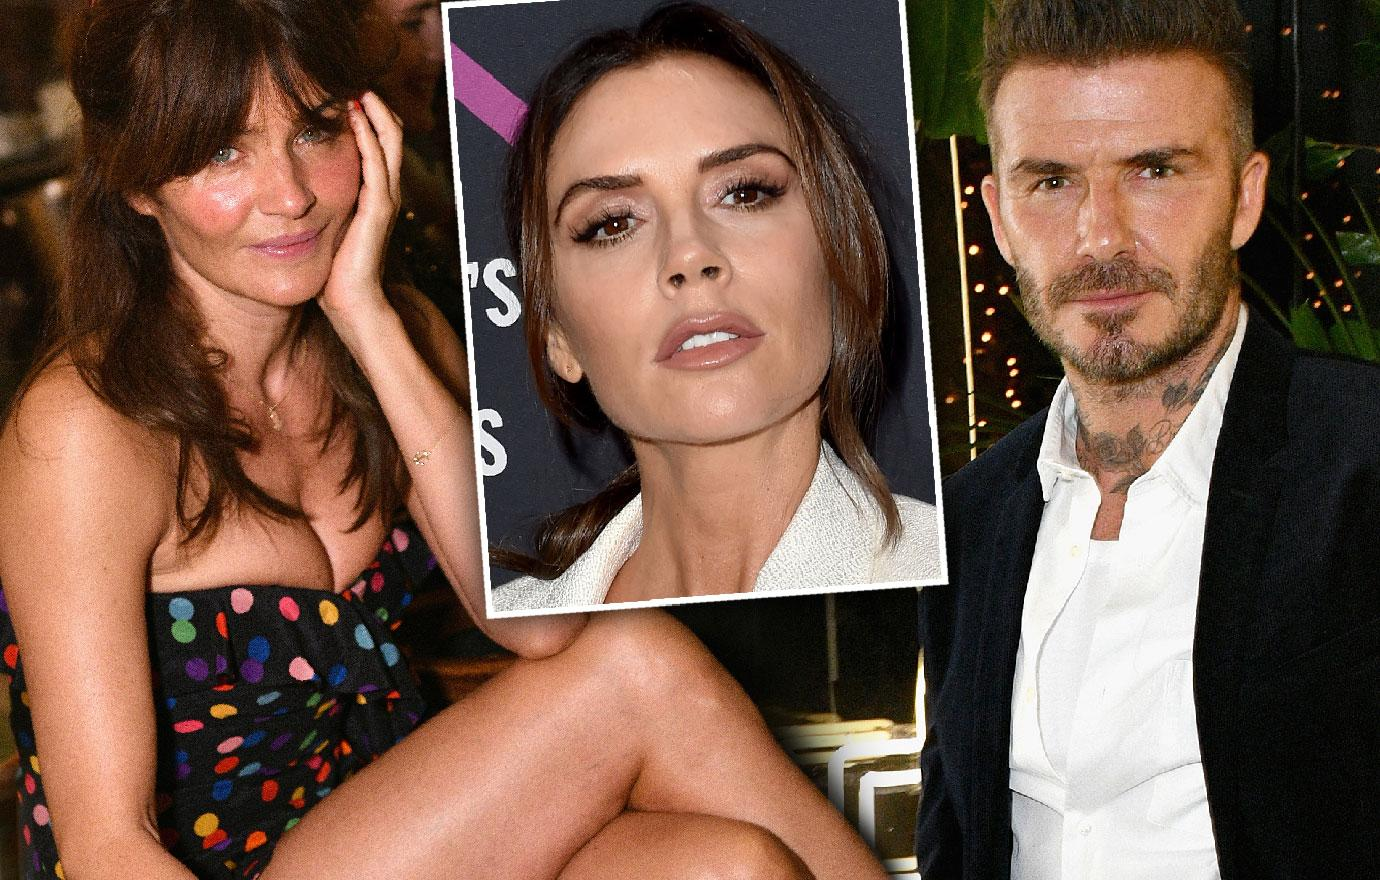 David Beckham Parties In Miami With Supermodel Helena Christensen